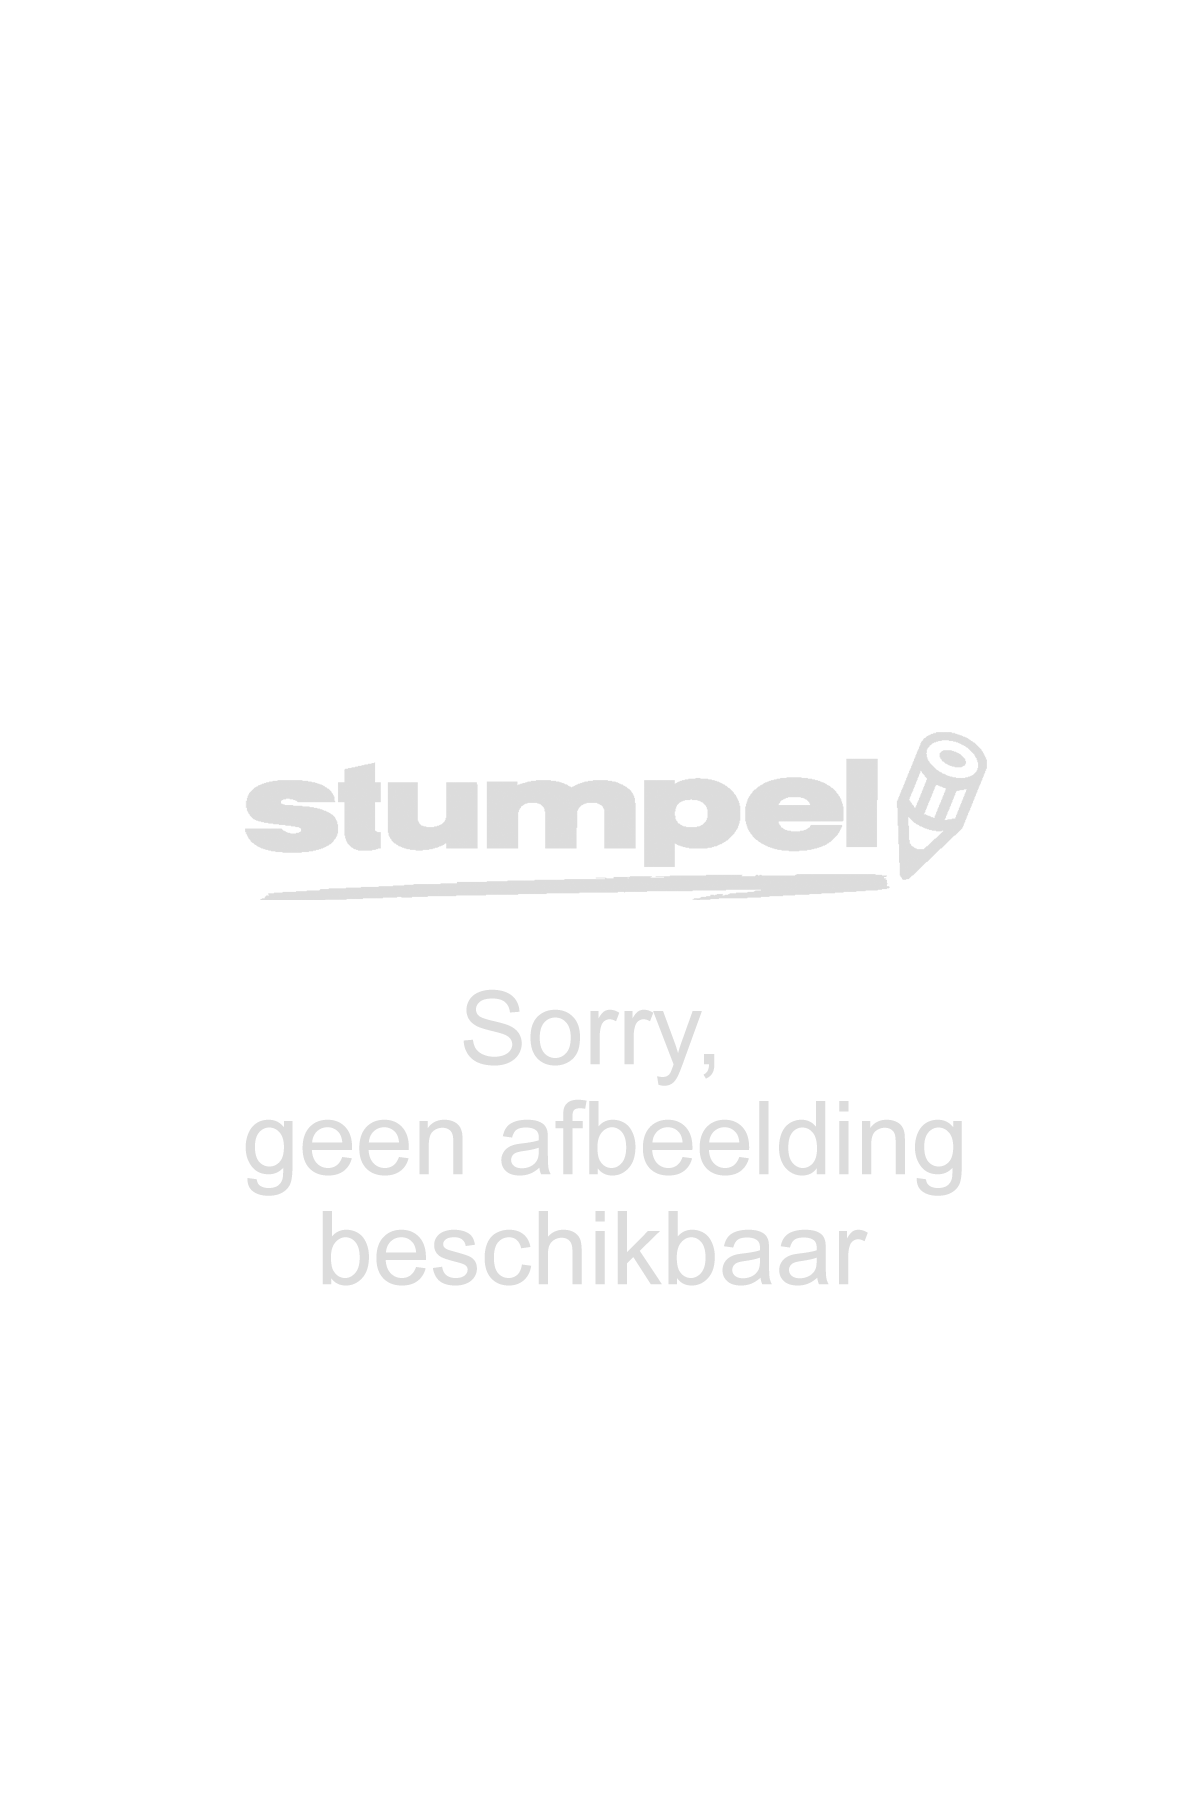 krijtstift-pentel-smw56-wet-erase-blok-8-16mm-rood-631112